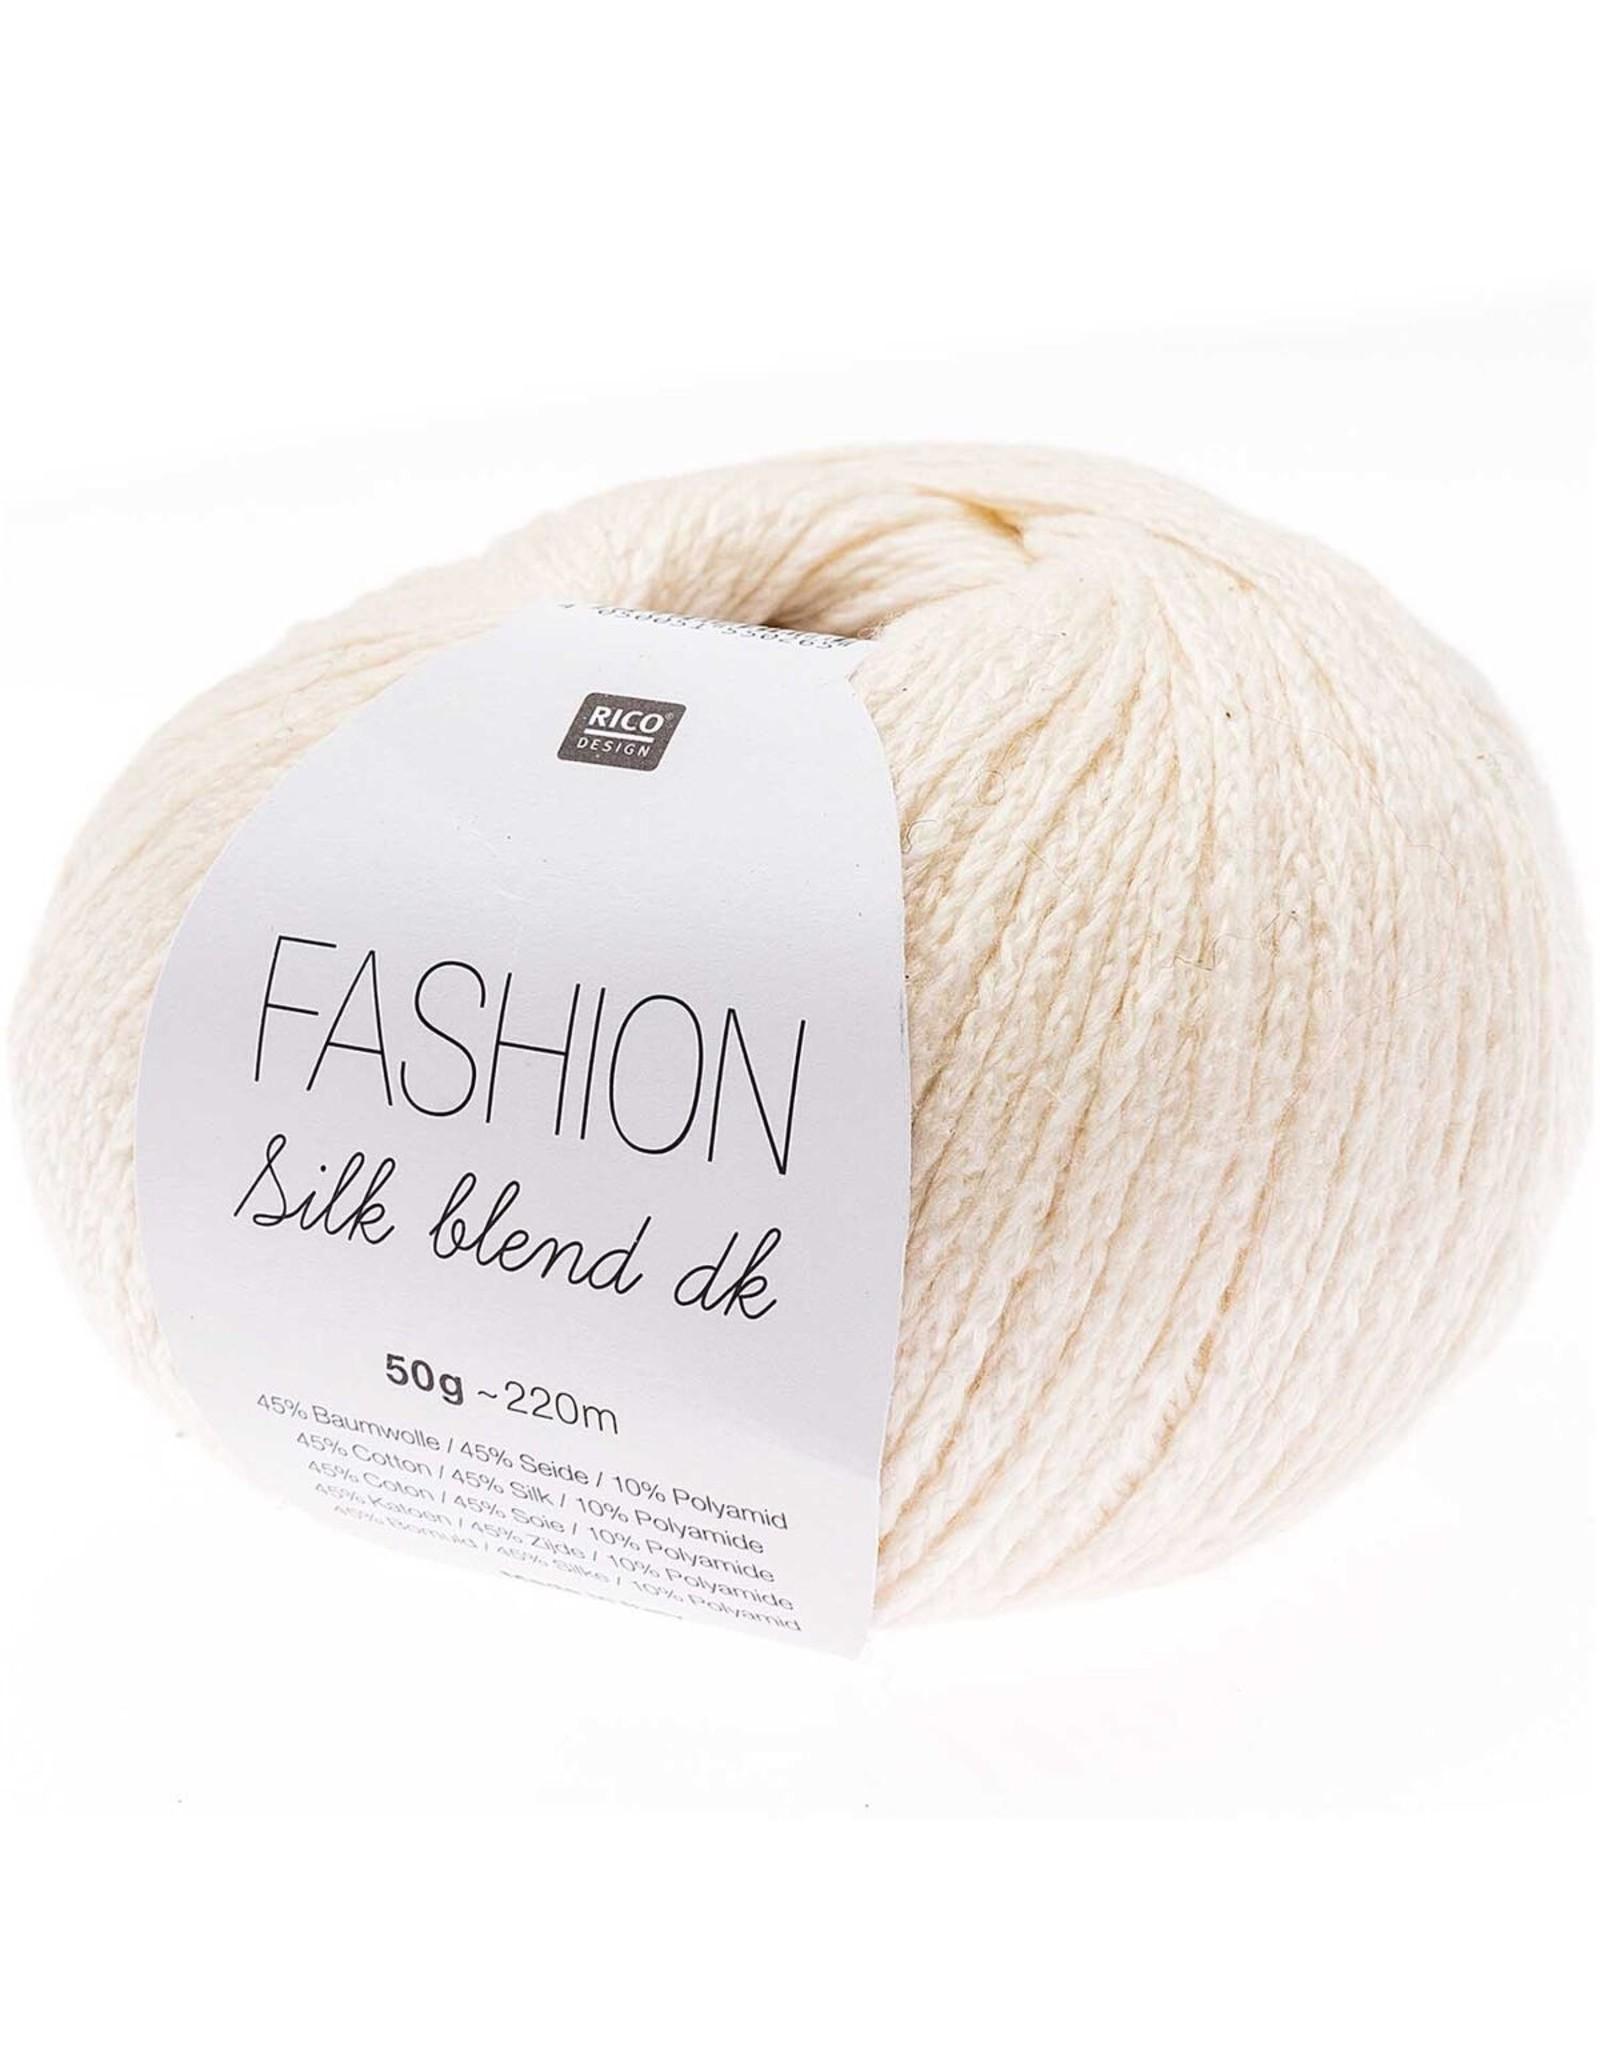 Rico Rico Fashion Silk Blend dk *